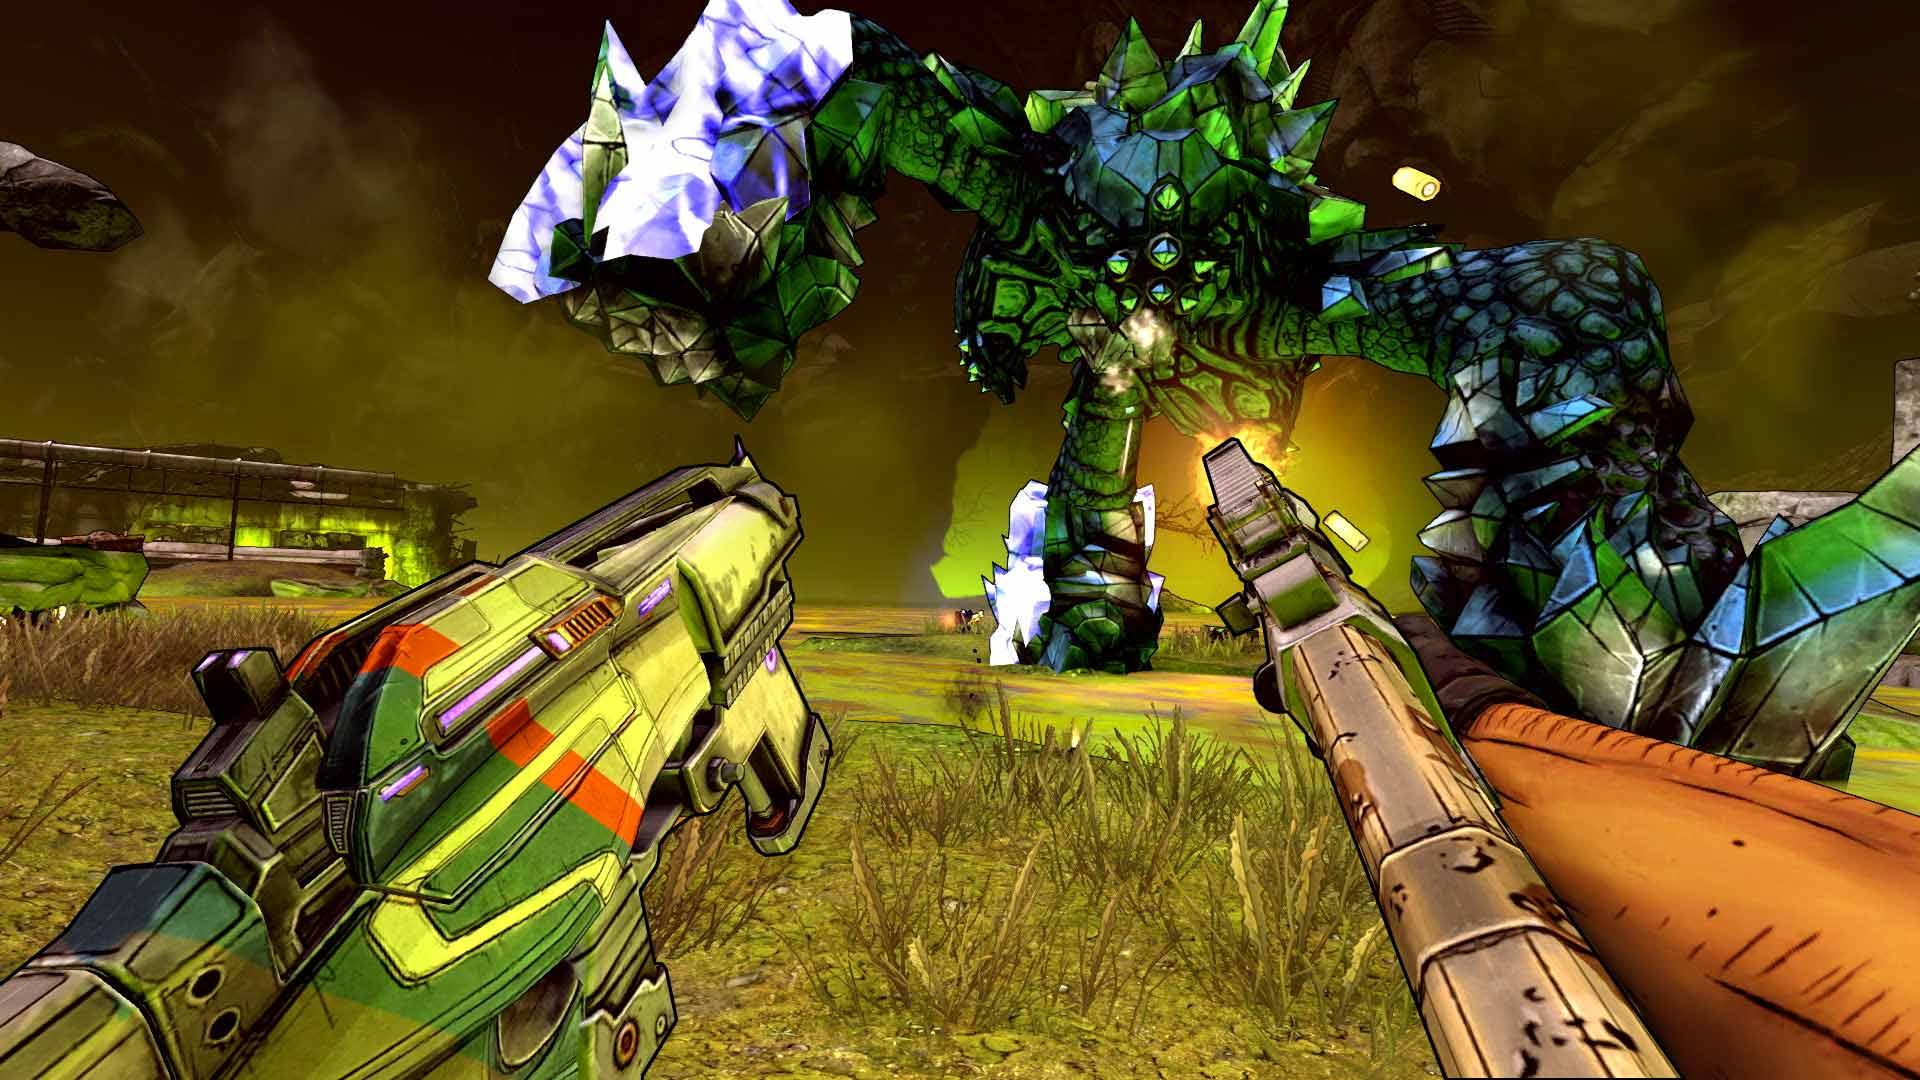 Borderlands 2 VR Out Now on PlayStation VR - 2K